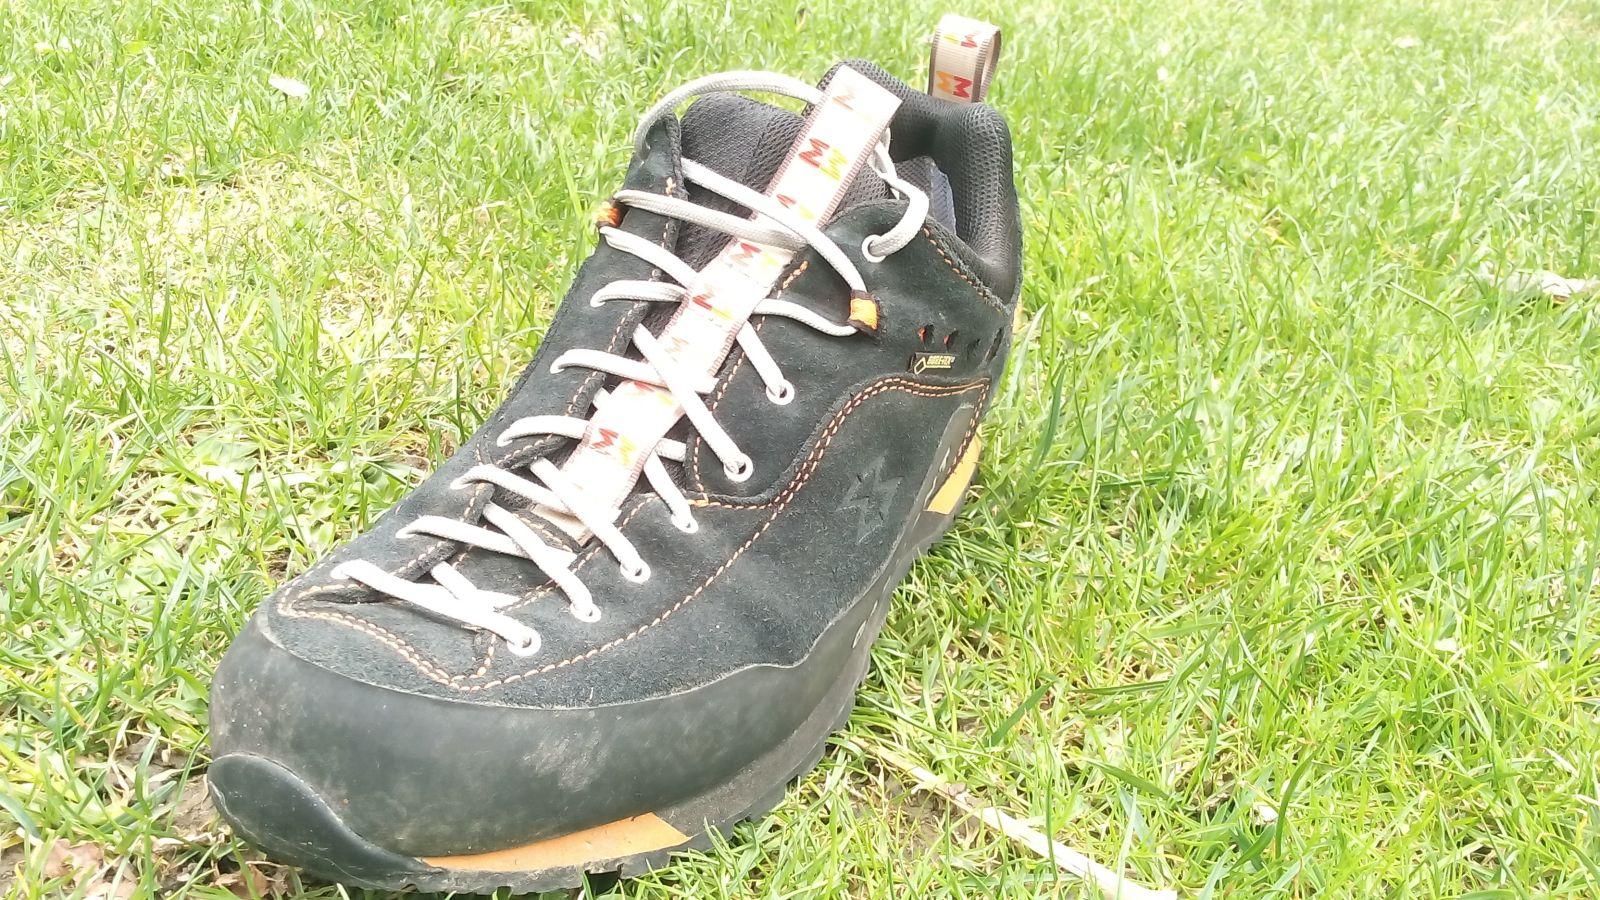 3f1c26c1c25 Recenzovanú topánku nájdeš na adrese  https   www.adamsport.eu panska-nizka- turisticka-obuv garmont-dragontail-lt-gtx-blackorange